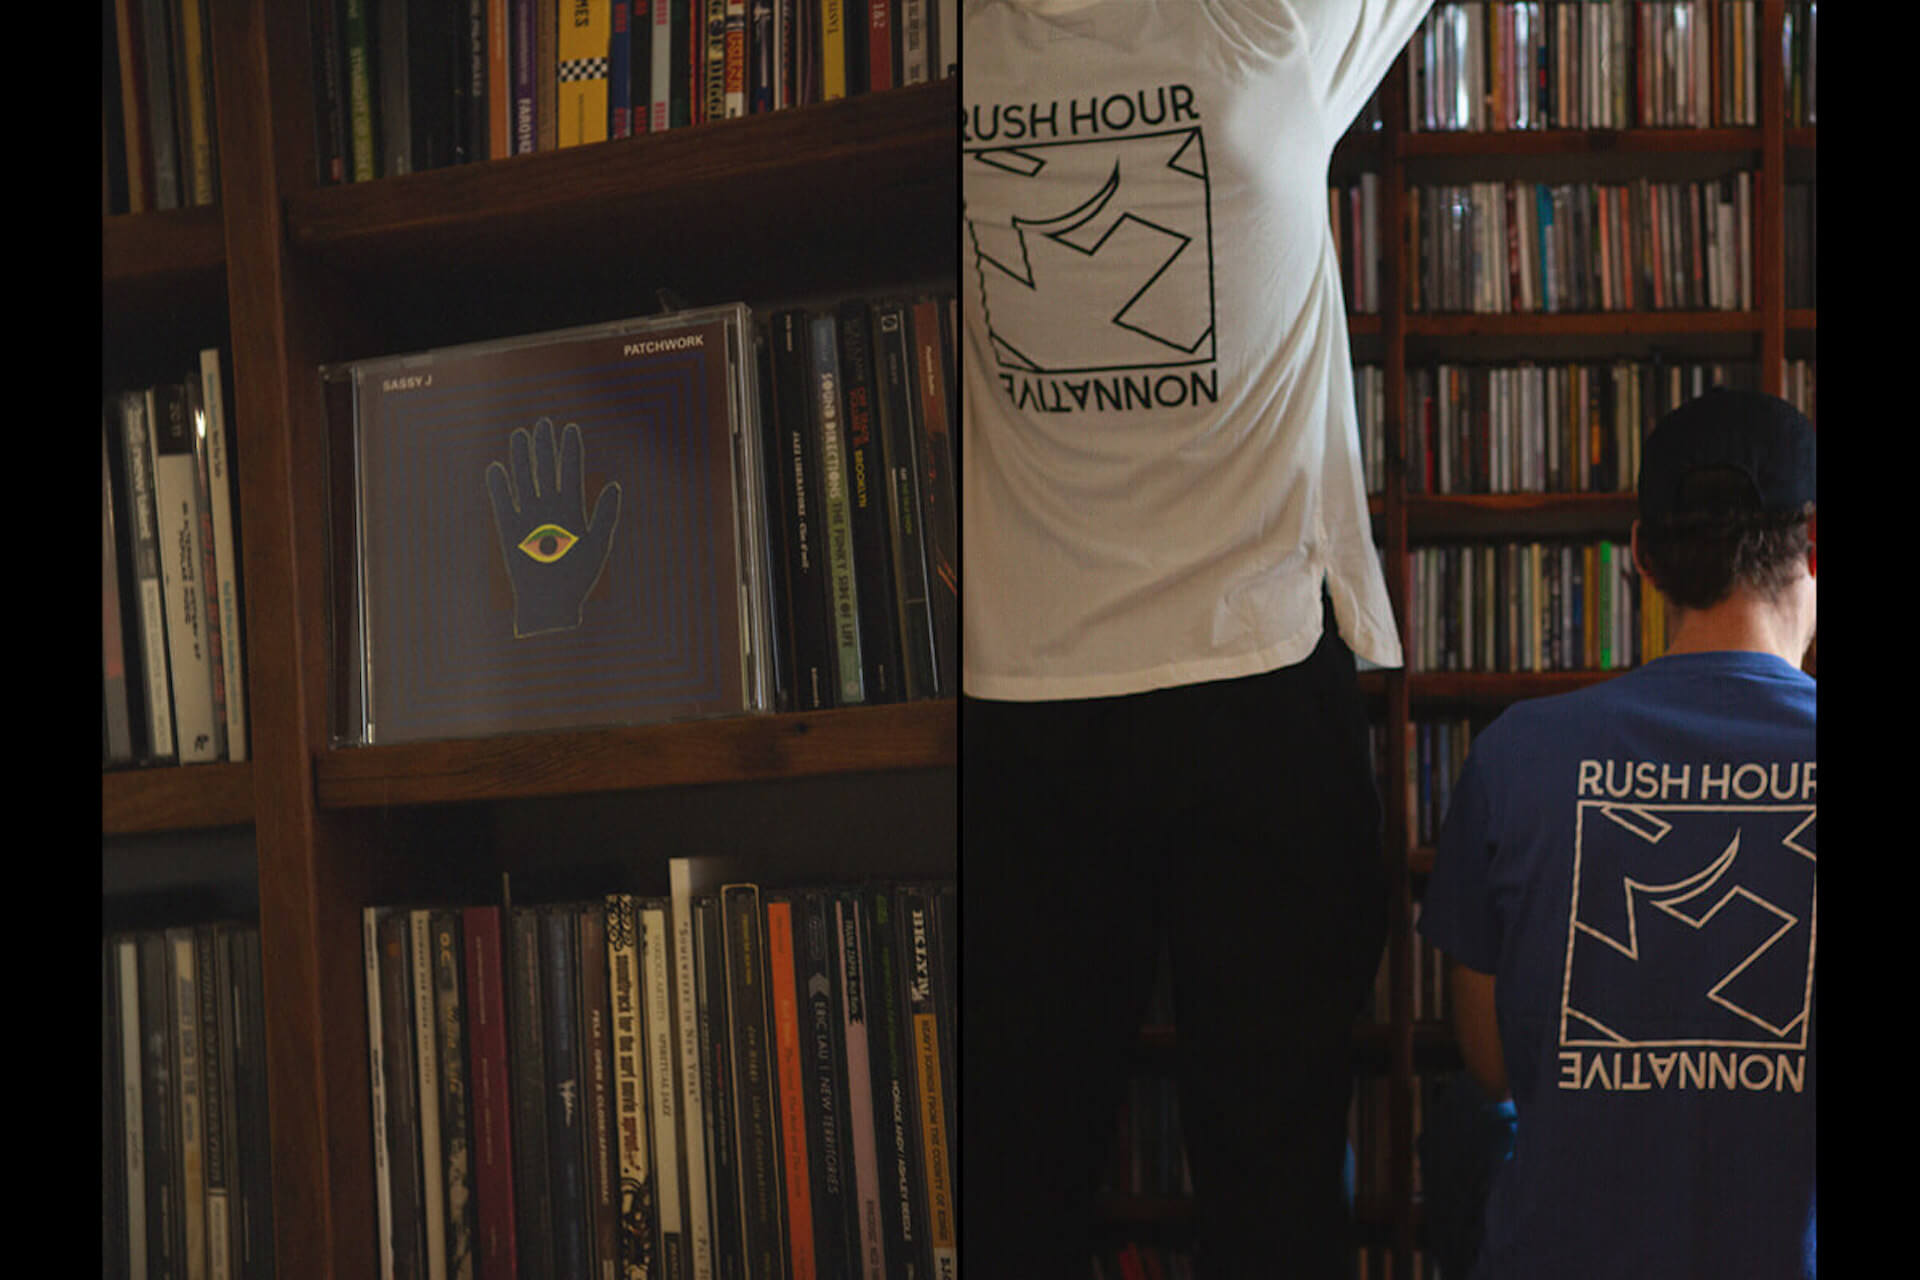 〈Rush Hour〉のレーベルナイトがContact Tokyoにて開催|HuneeとAntalが5時間セットを披露、Sassy J、Shinichiro Yokotaらが登場 music191203-rushhour-5